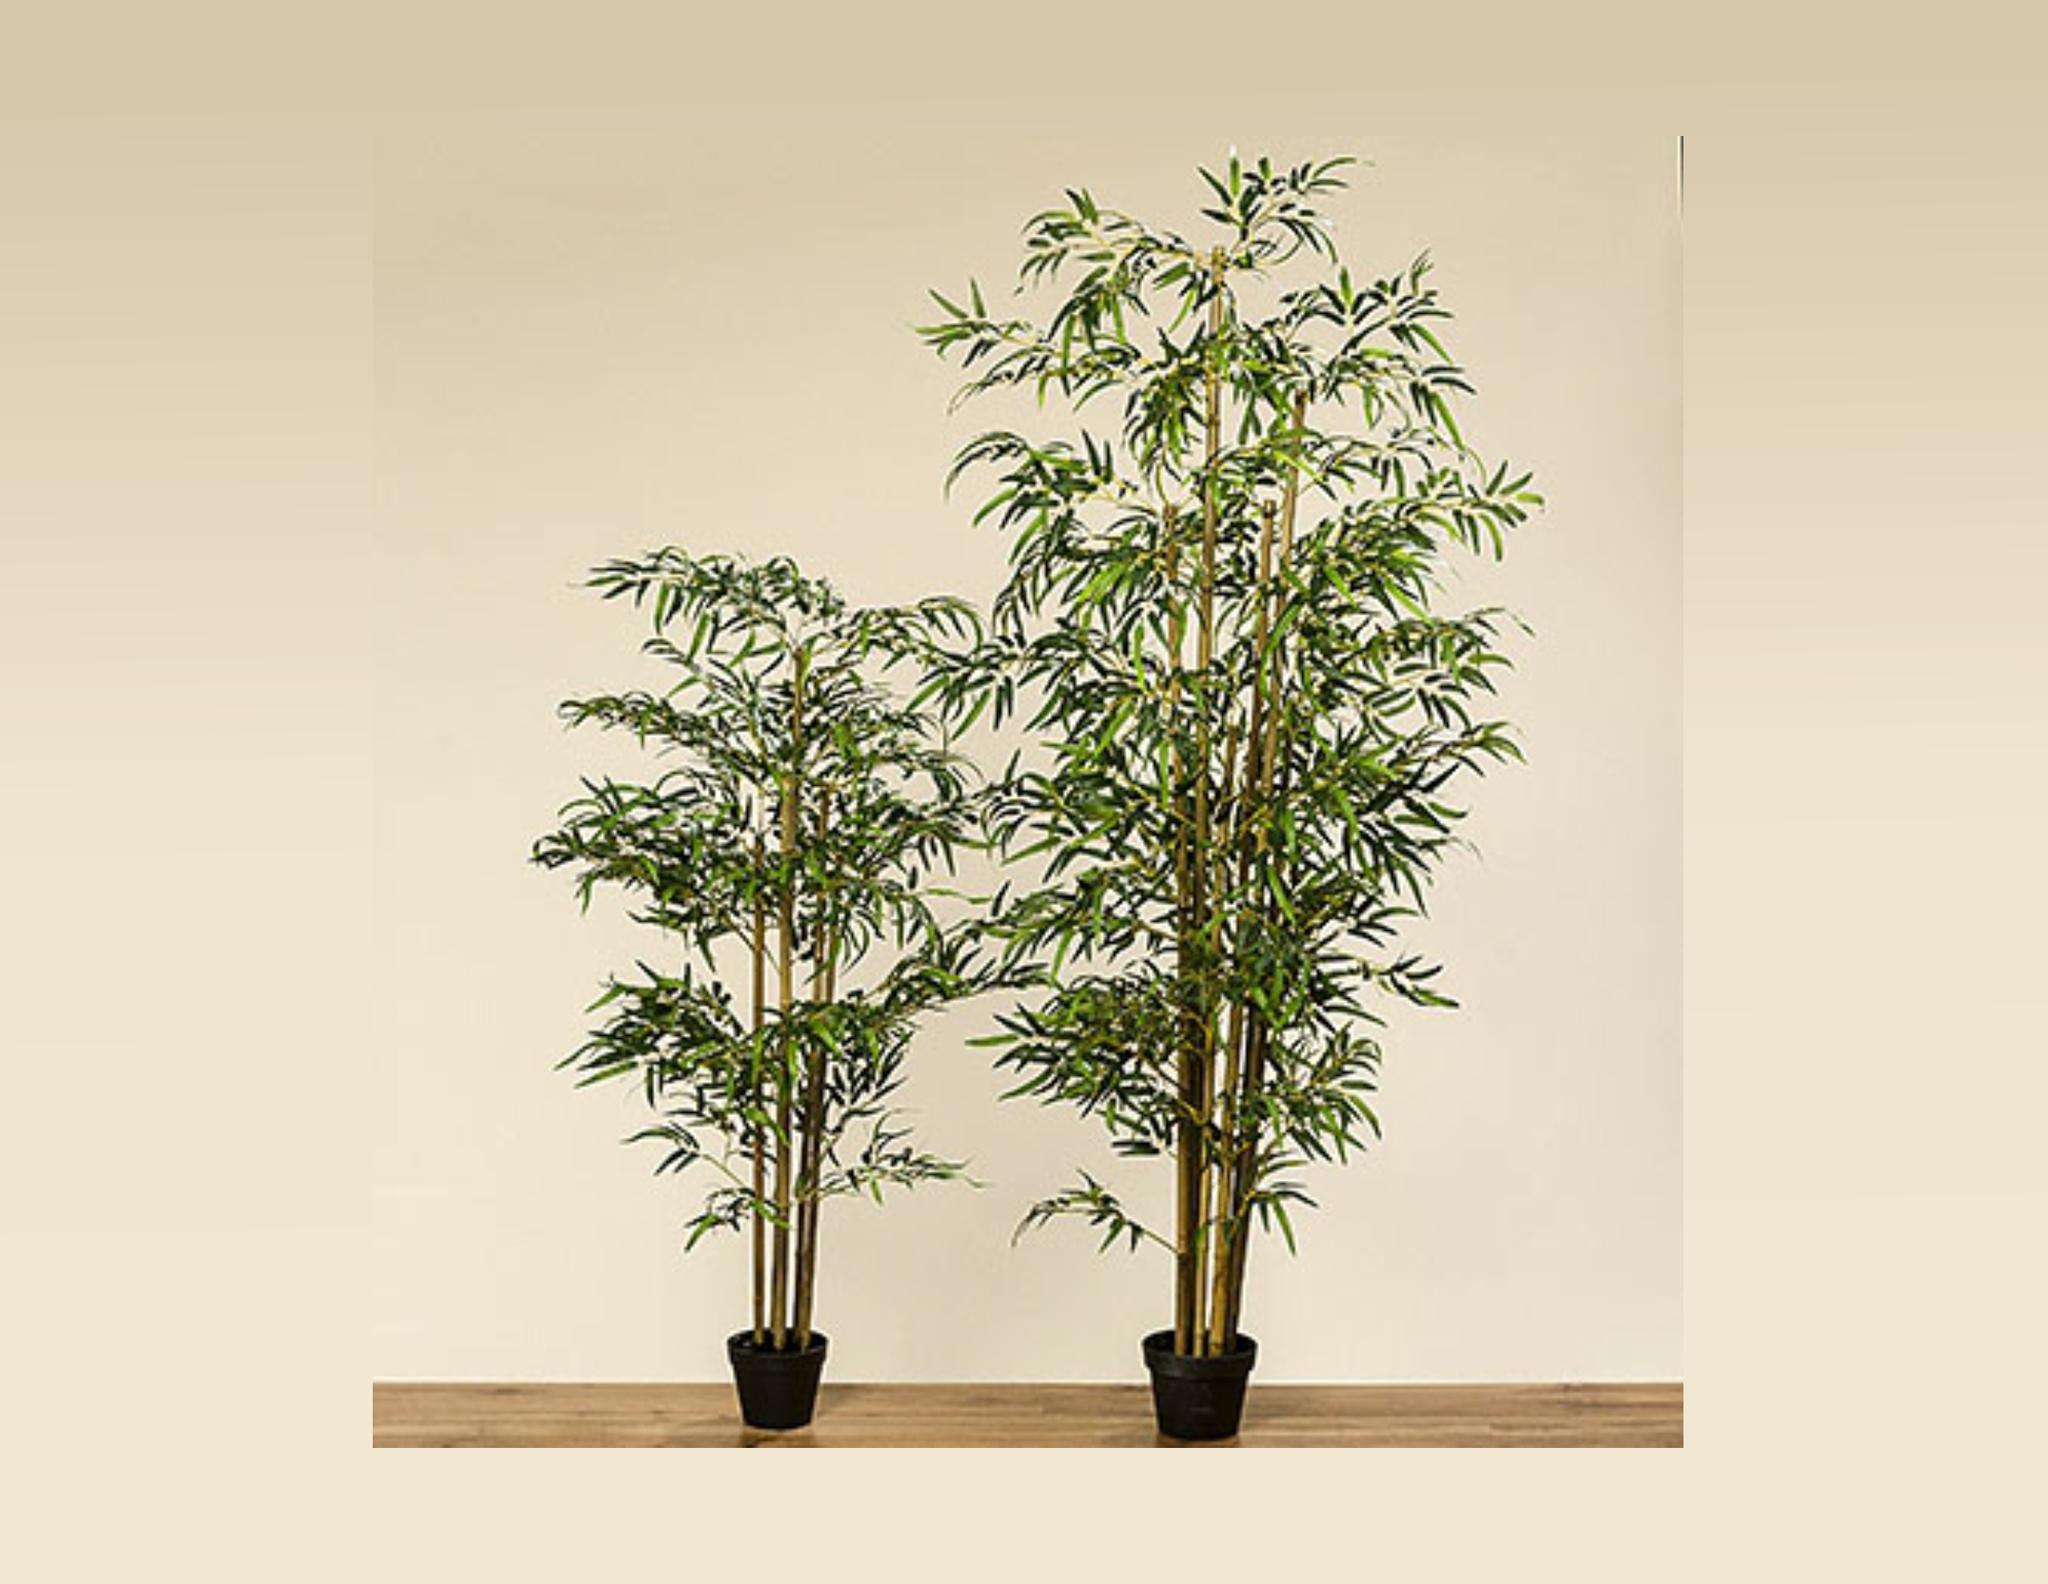 Bambus Im Topf Online Gunstig Kaufen Online Bei Discomoebel Shop